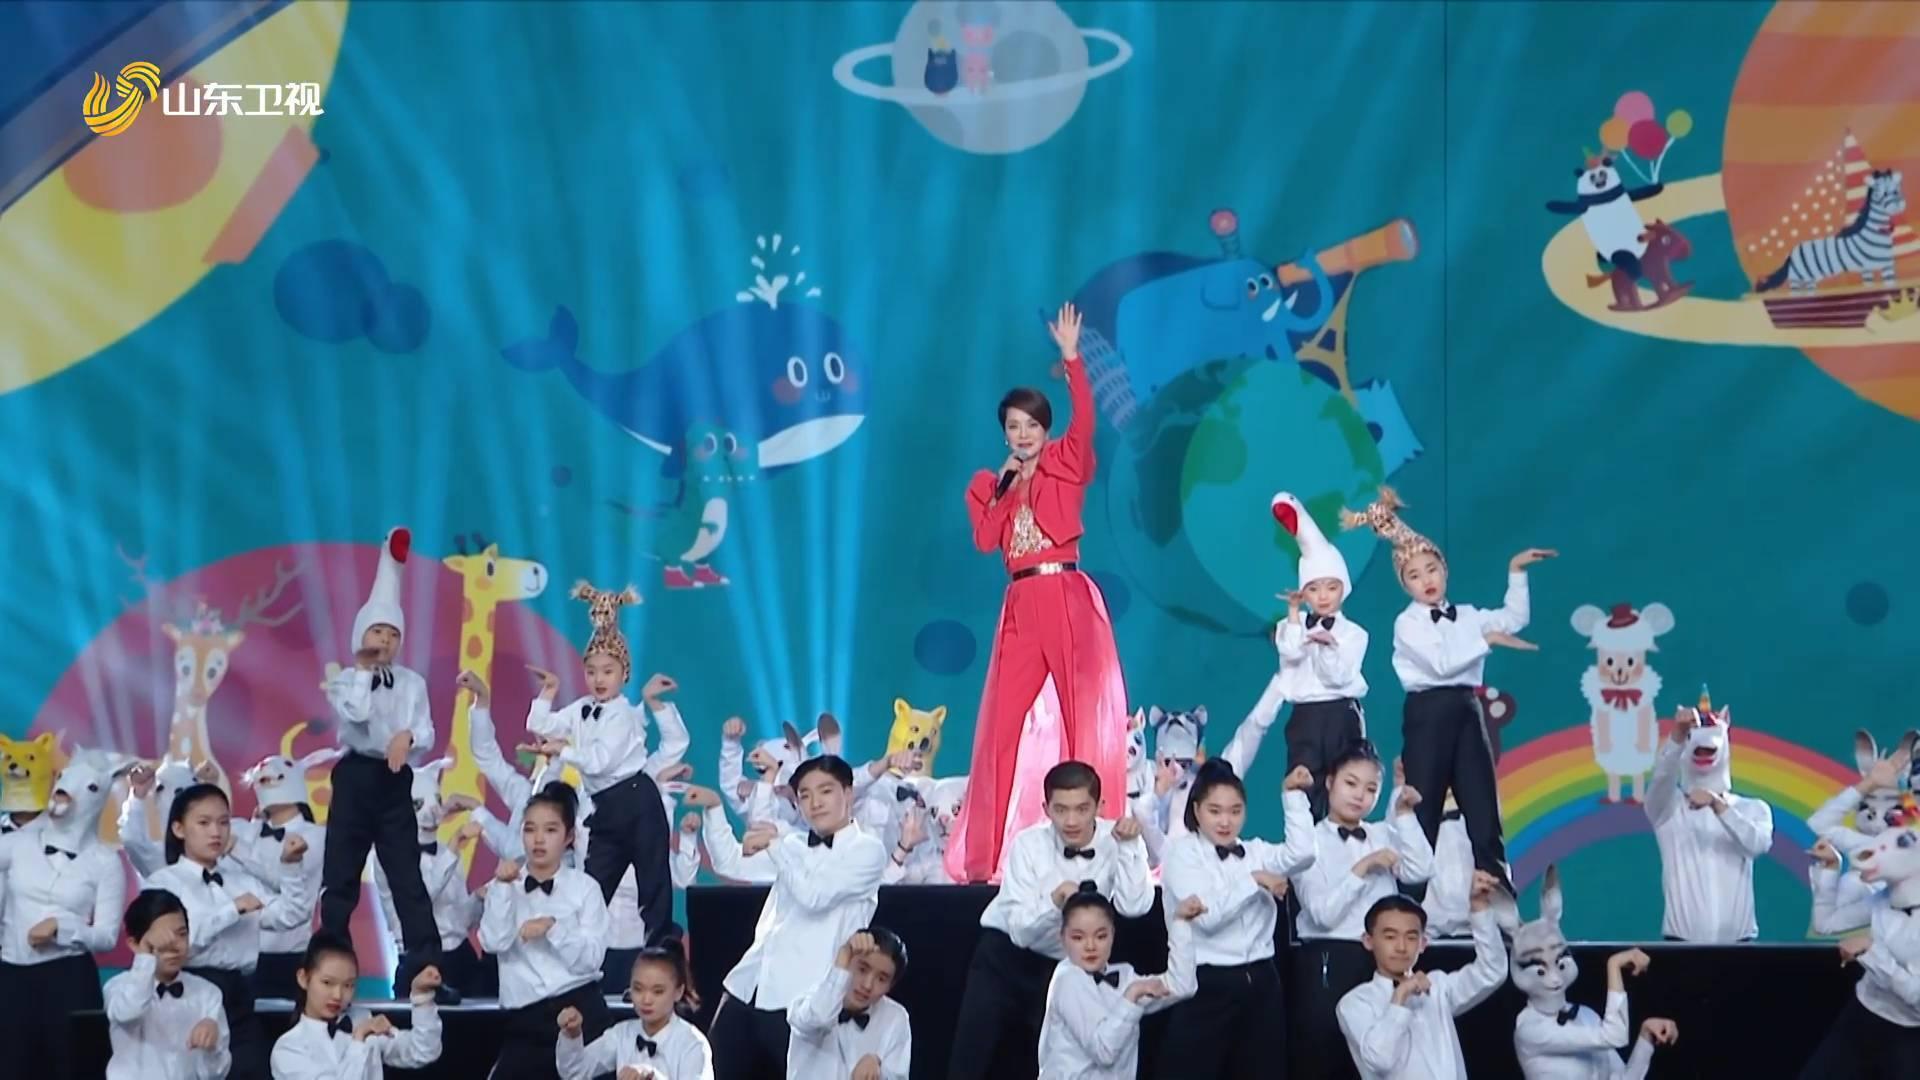 2021山东春晚丨天籁嗓音气场全开 毛阿敏颠覆演唱新作《声声不息》